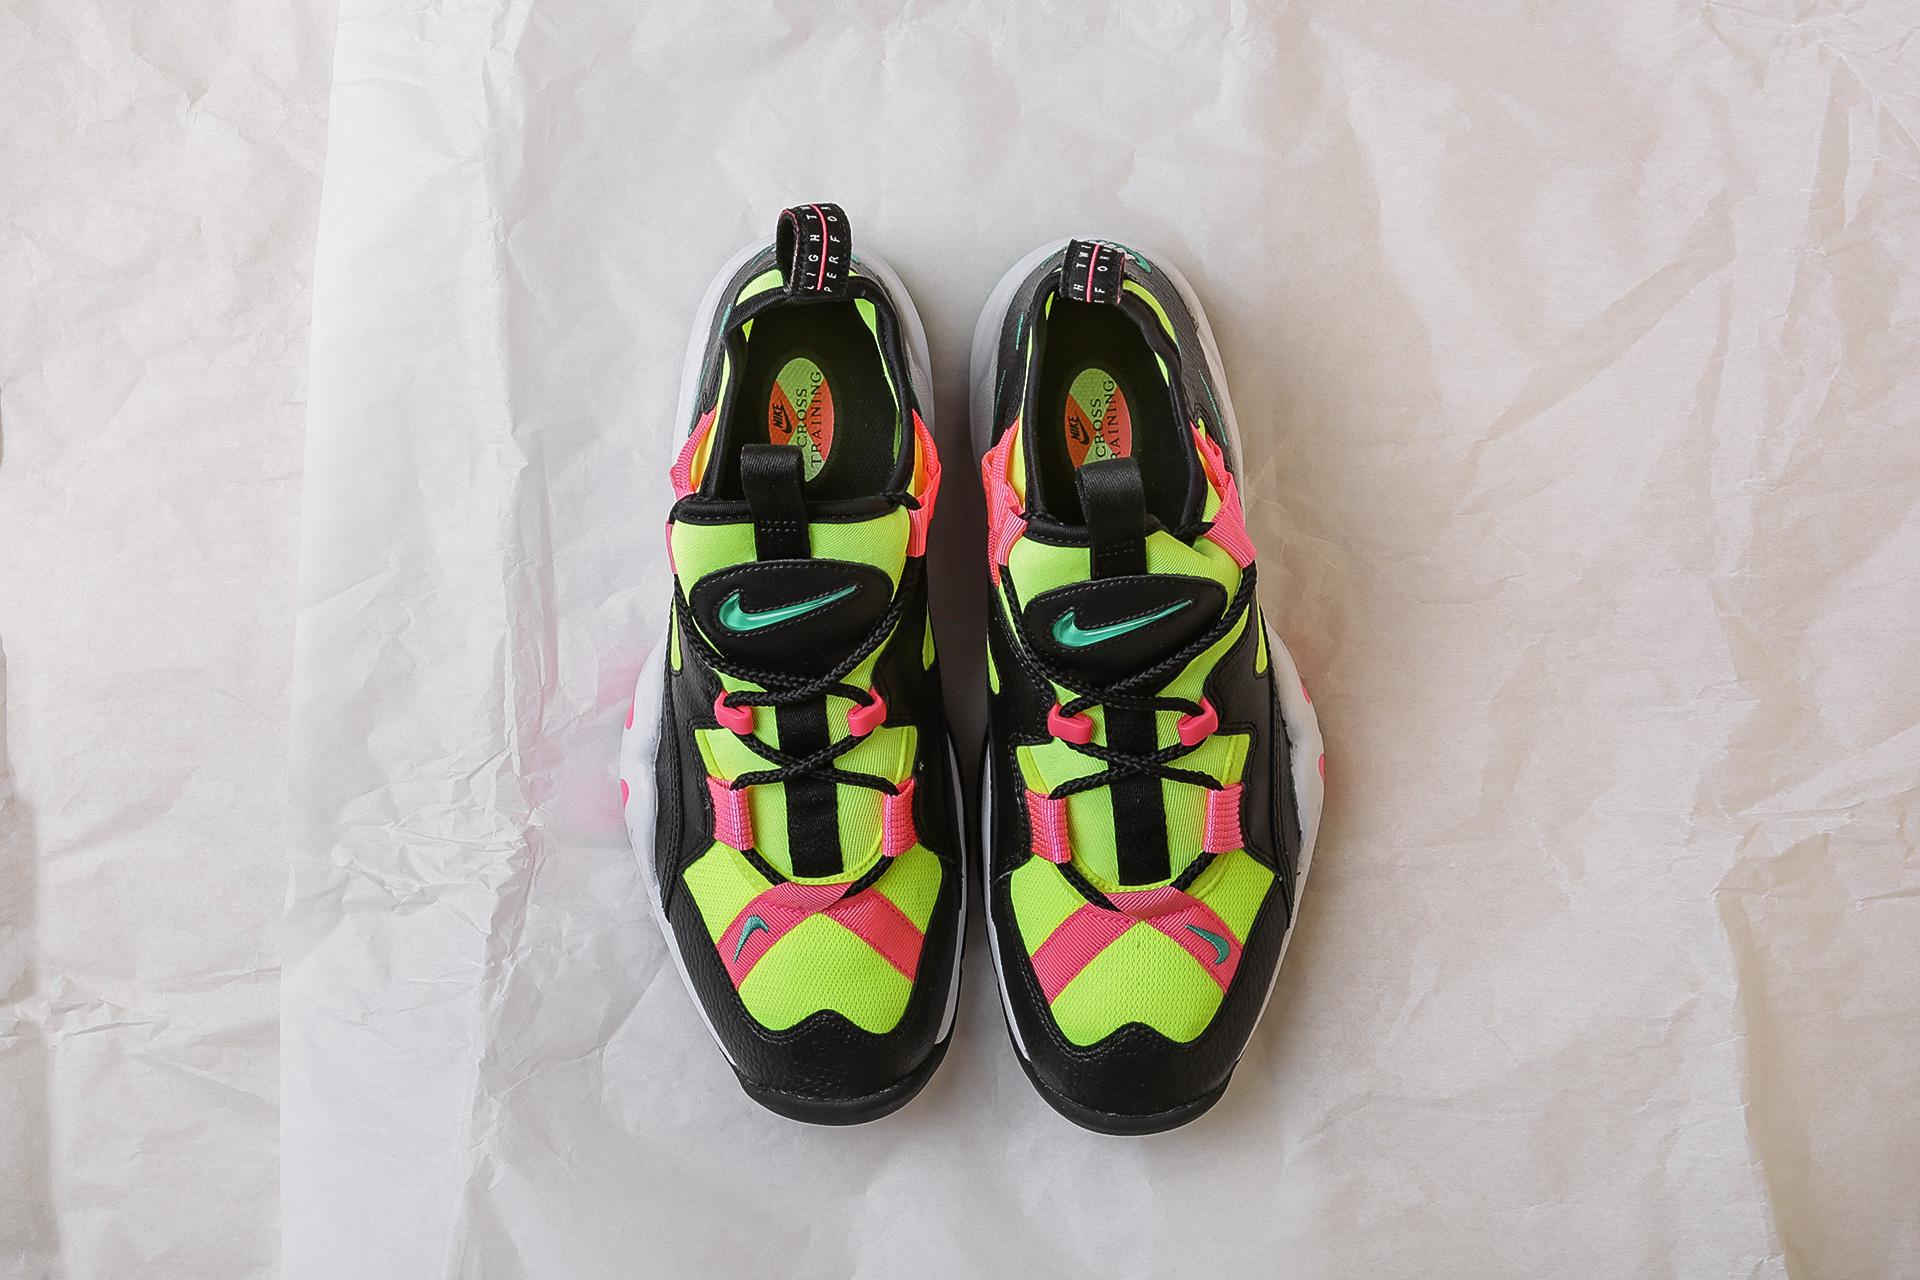 separation shoes 88026 66ae8 ... Купить мужские черные кроссовки Nike Air Scream LWP - фото 2 картинки  ...